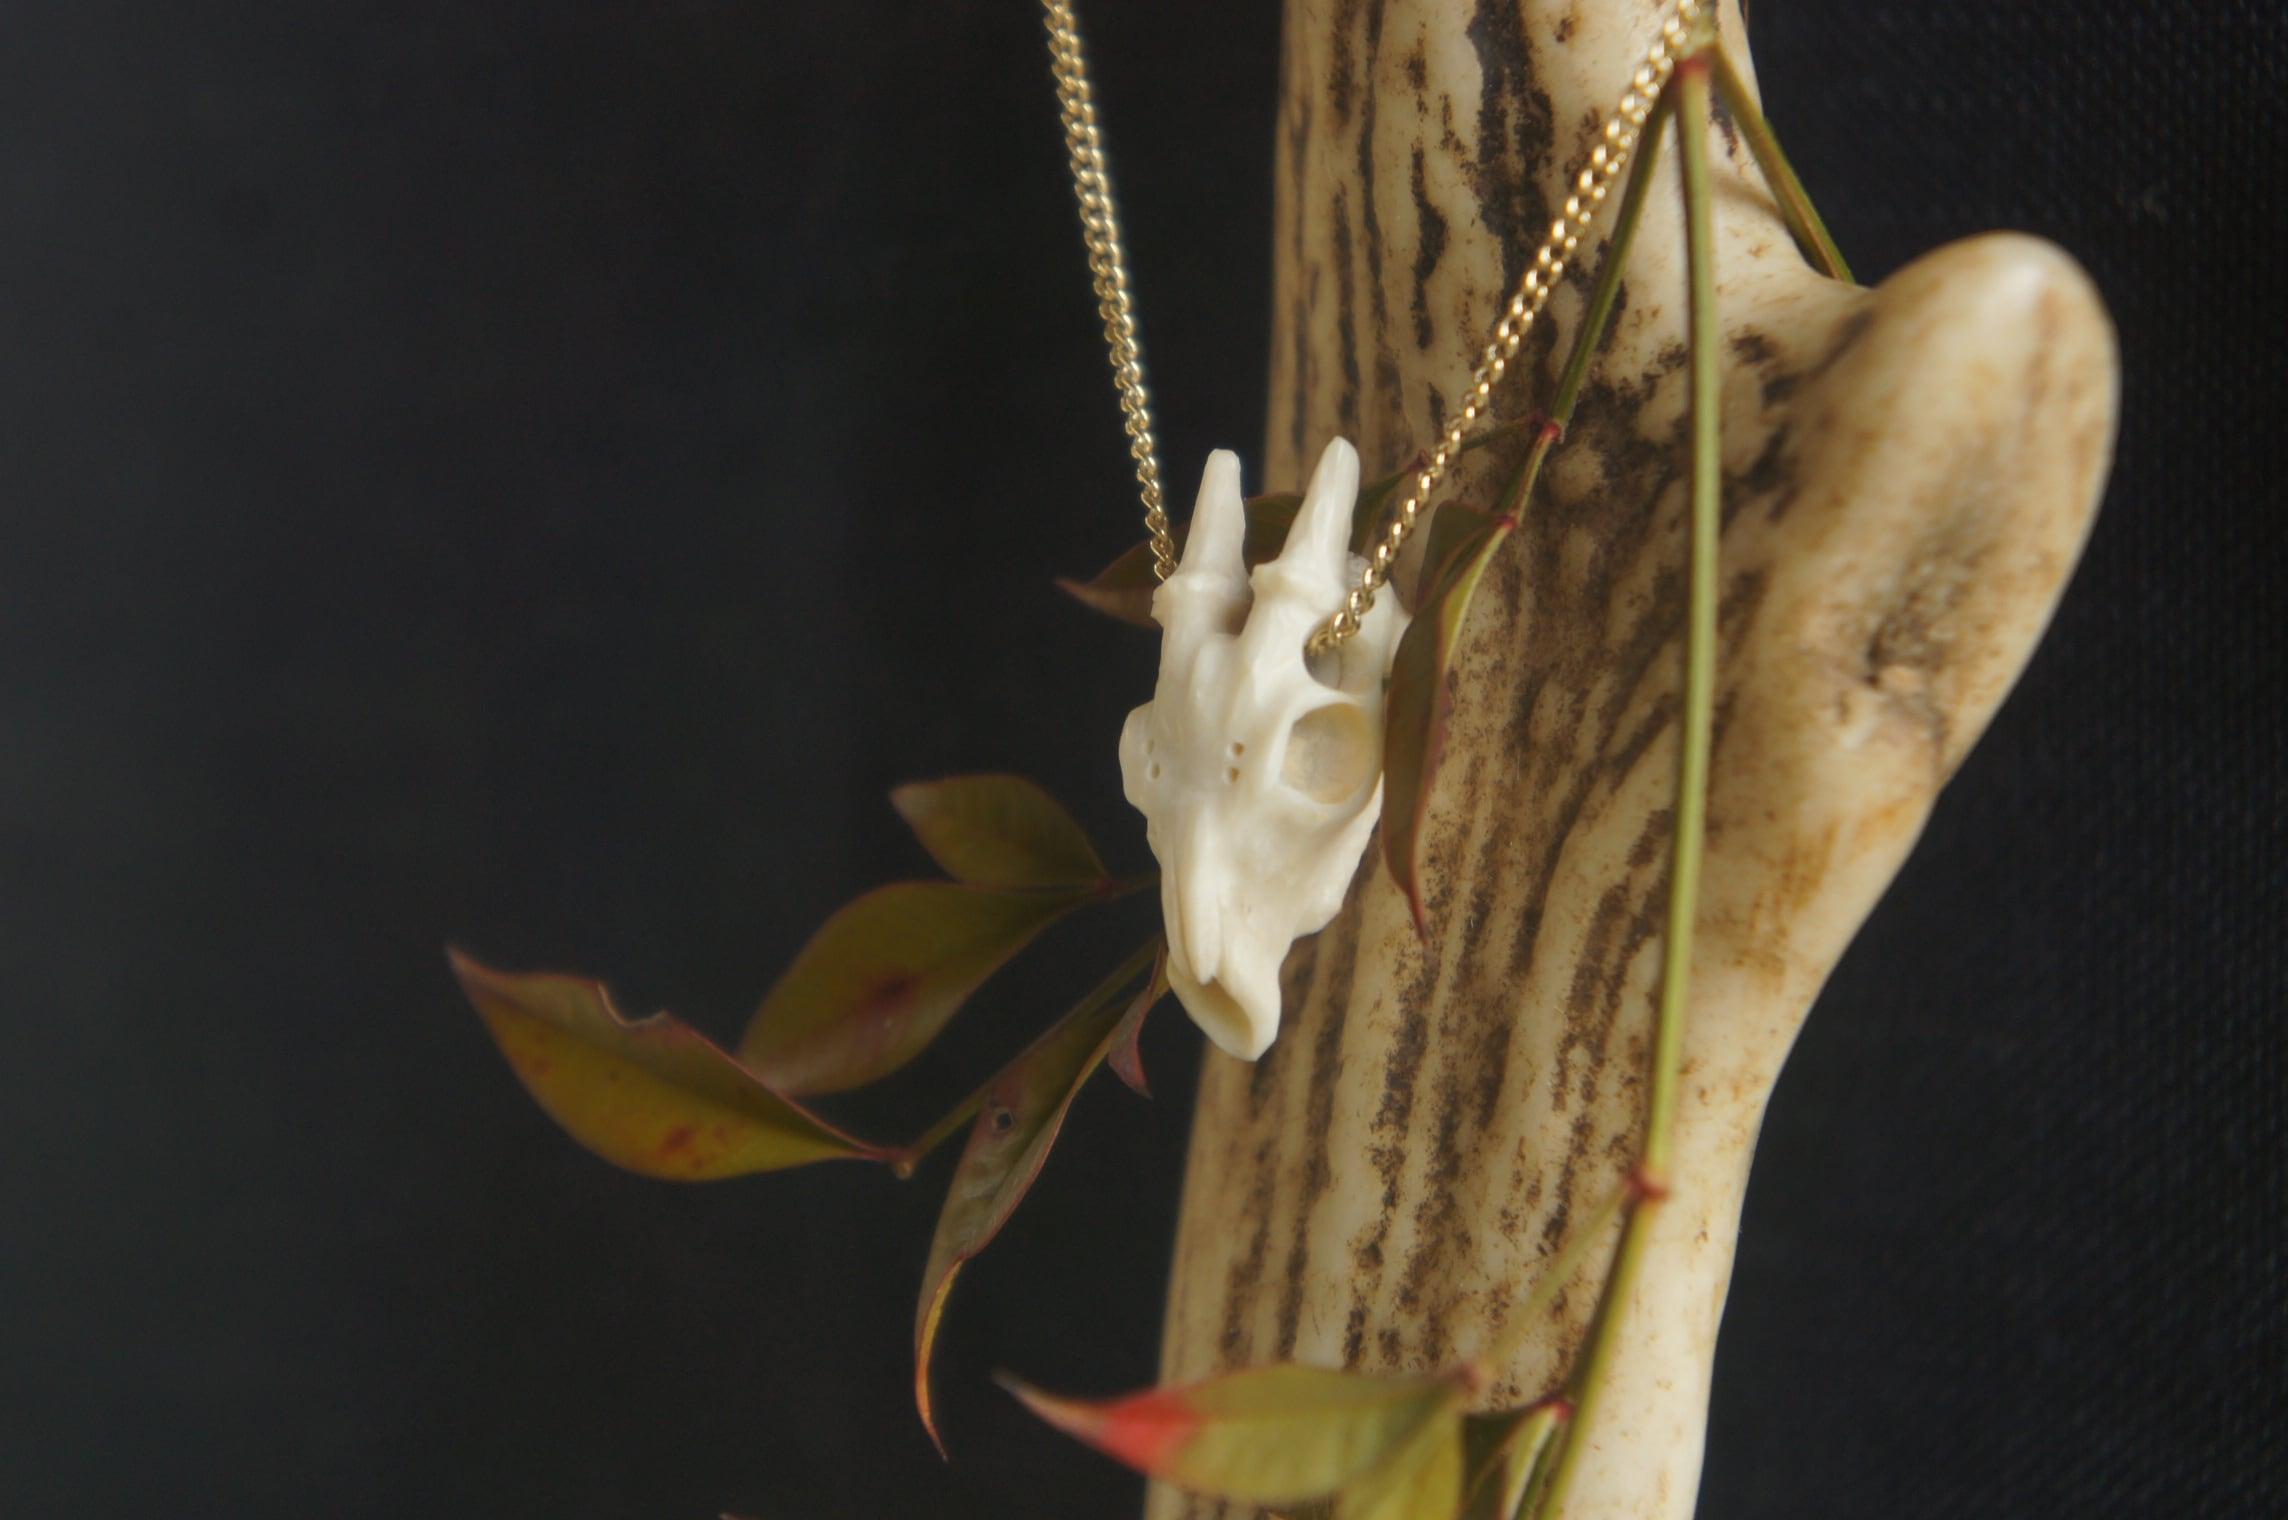 鹿角製鹿頭骨「拝」ネックレス